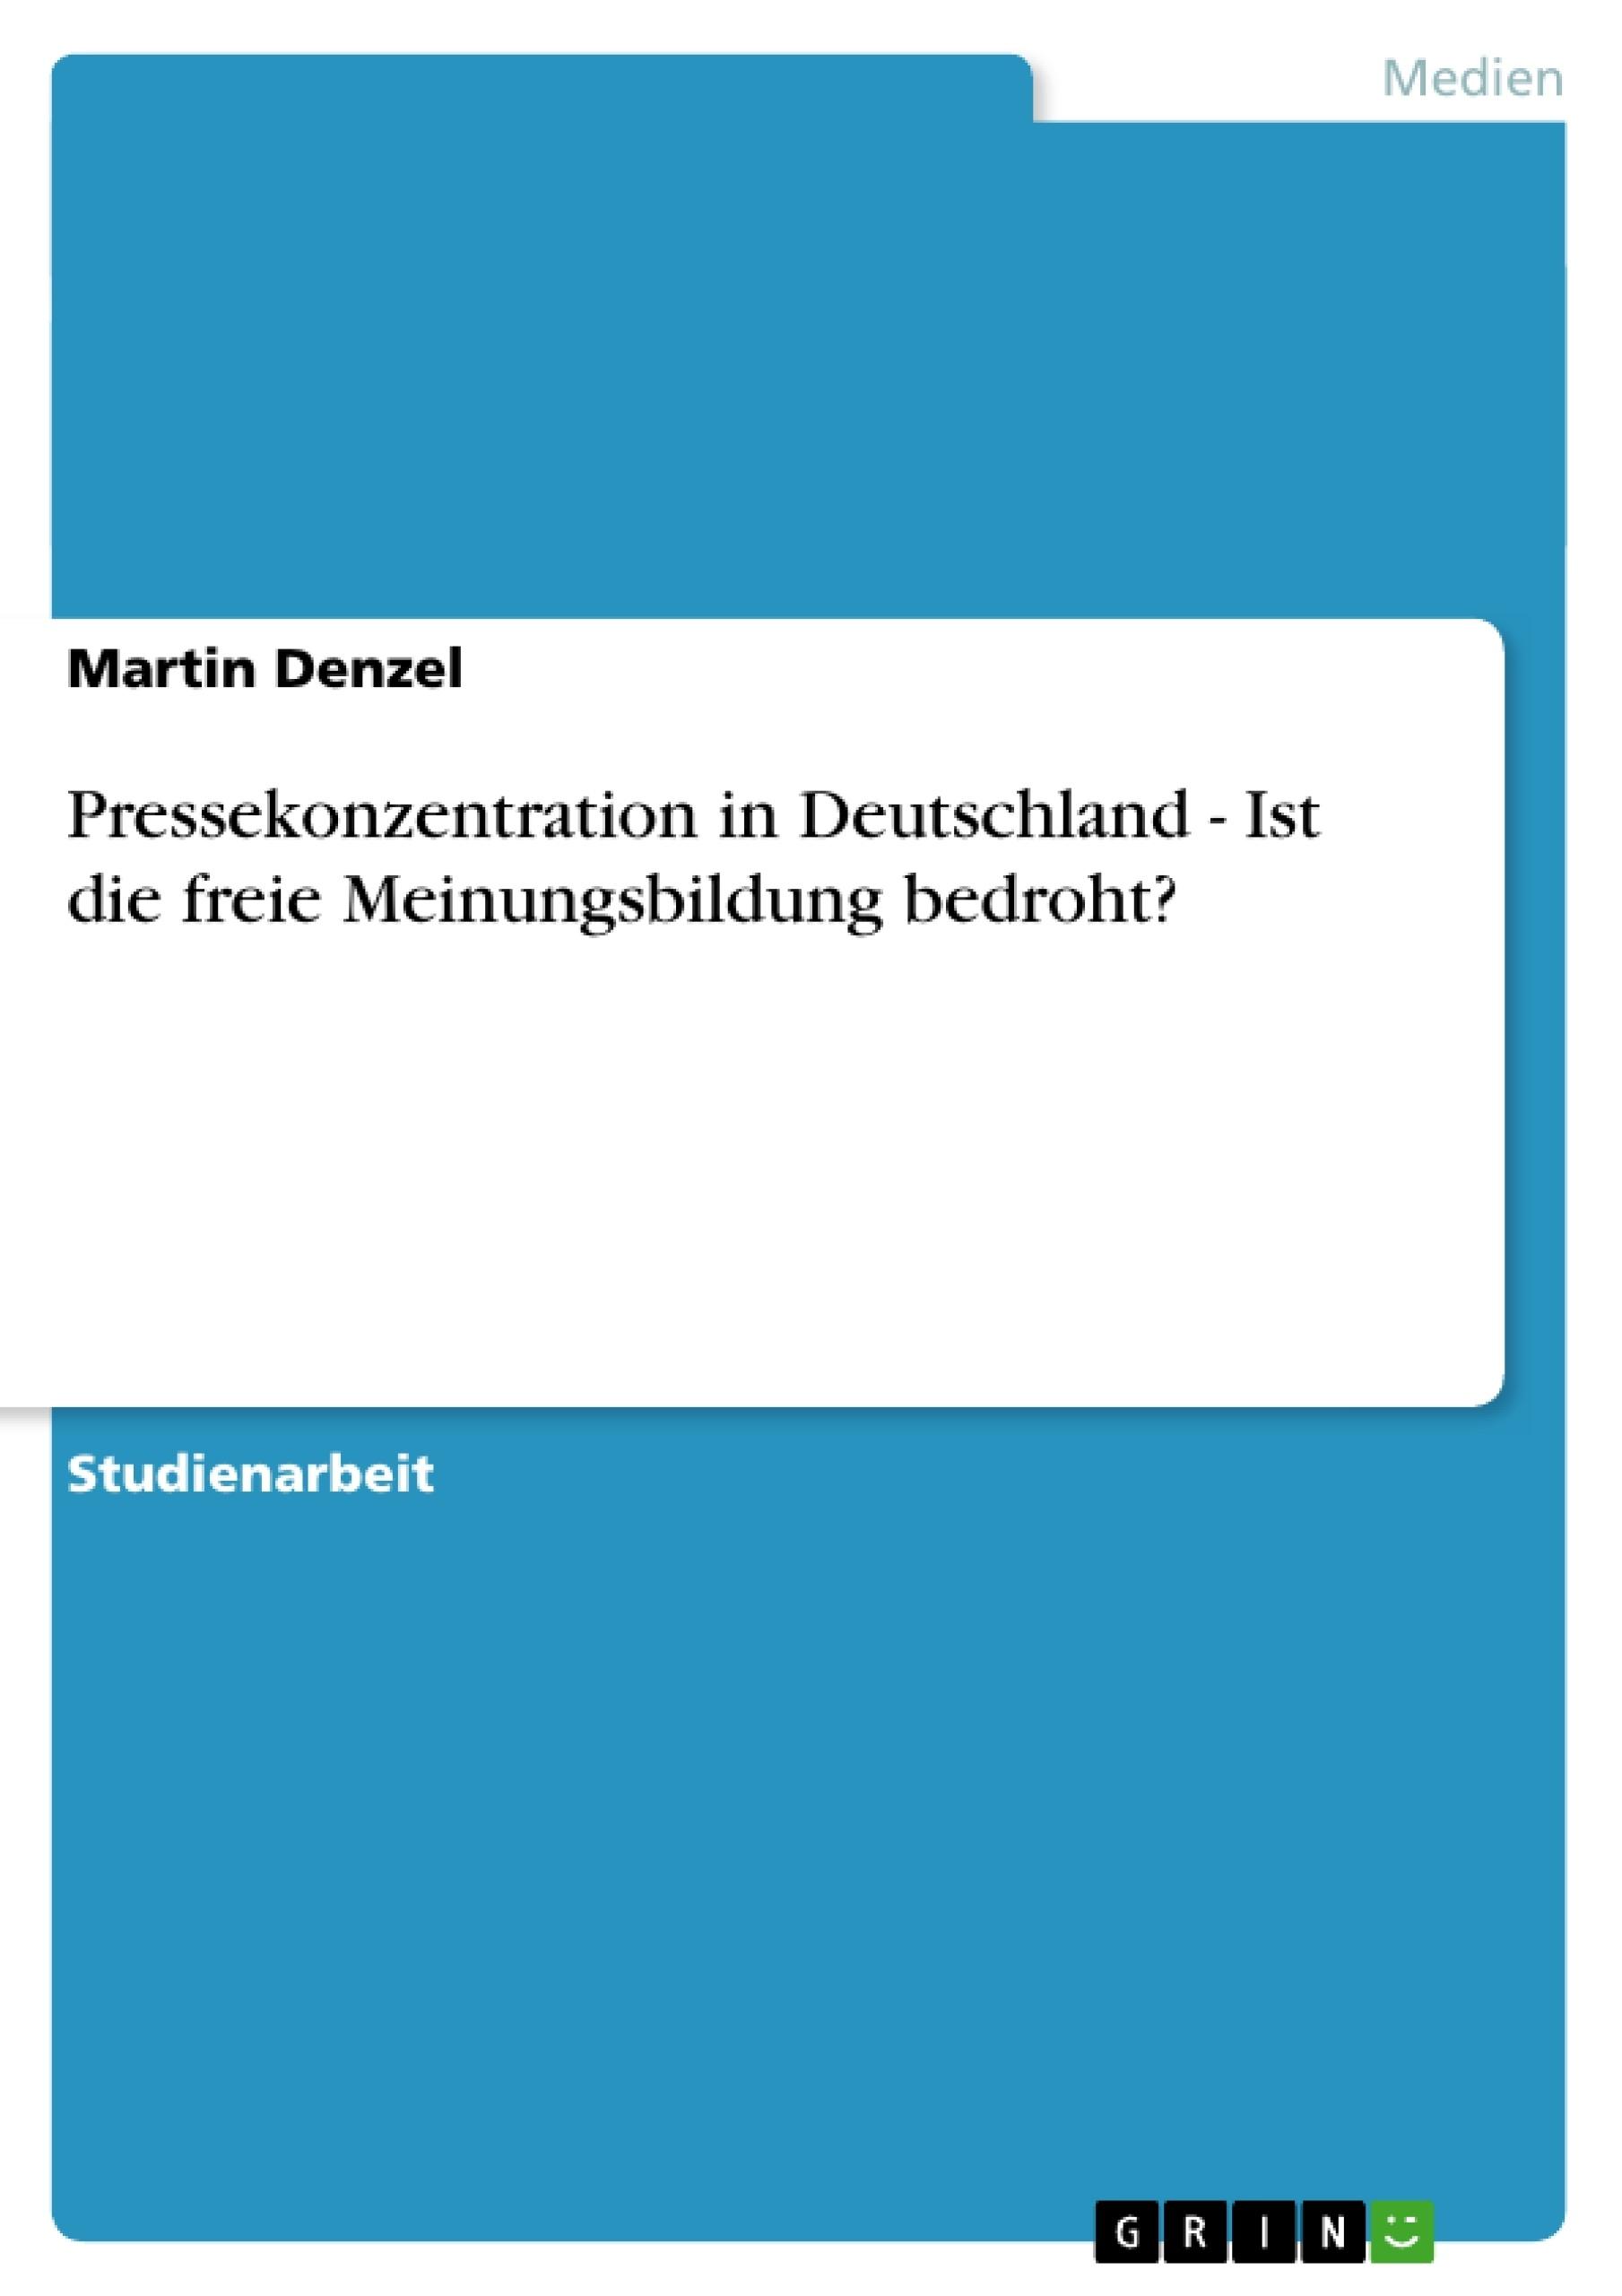 Titel: Pressekonzentration in Deutschland - Ist die freie Meinungsbildung bedroht?